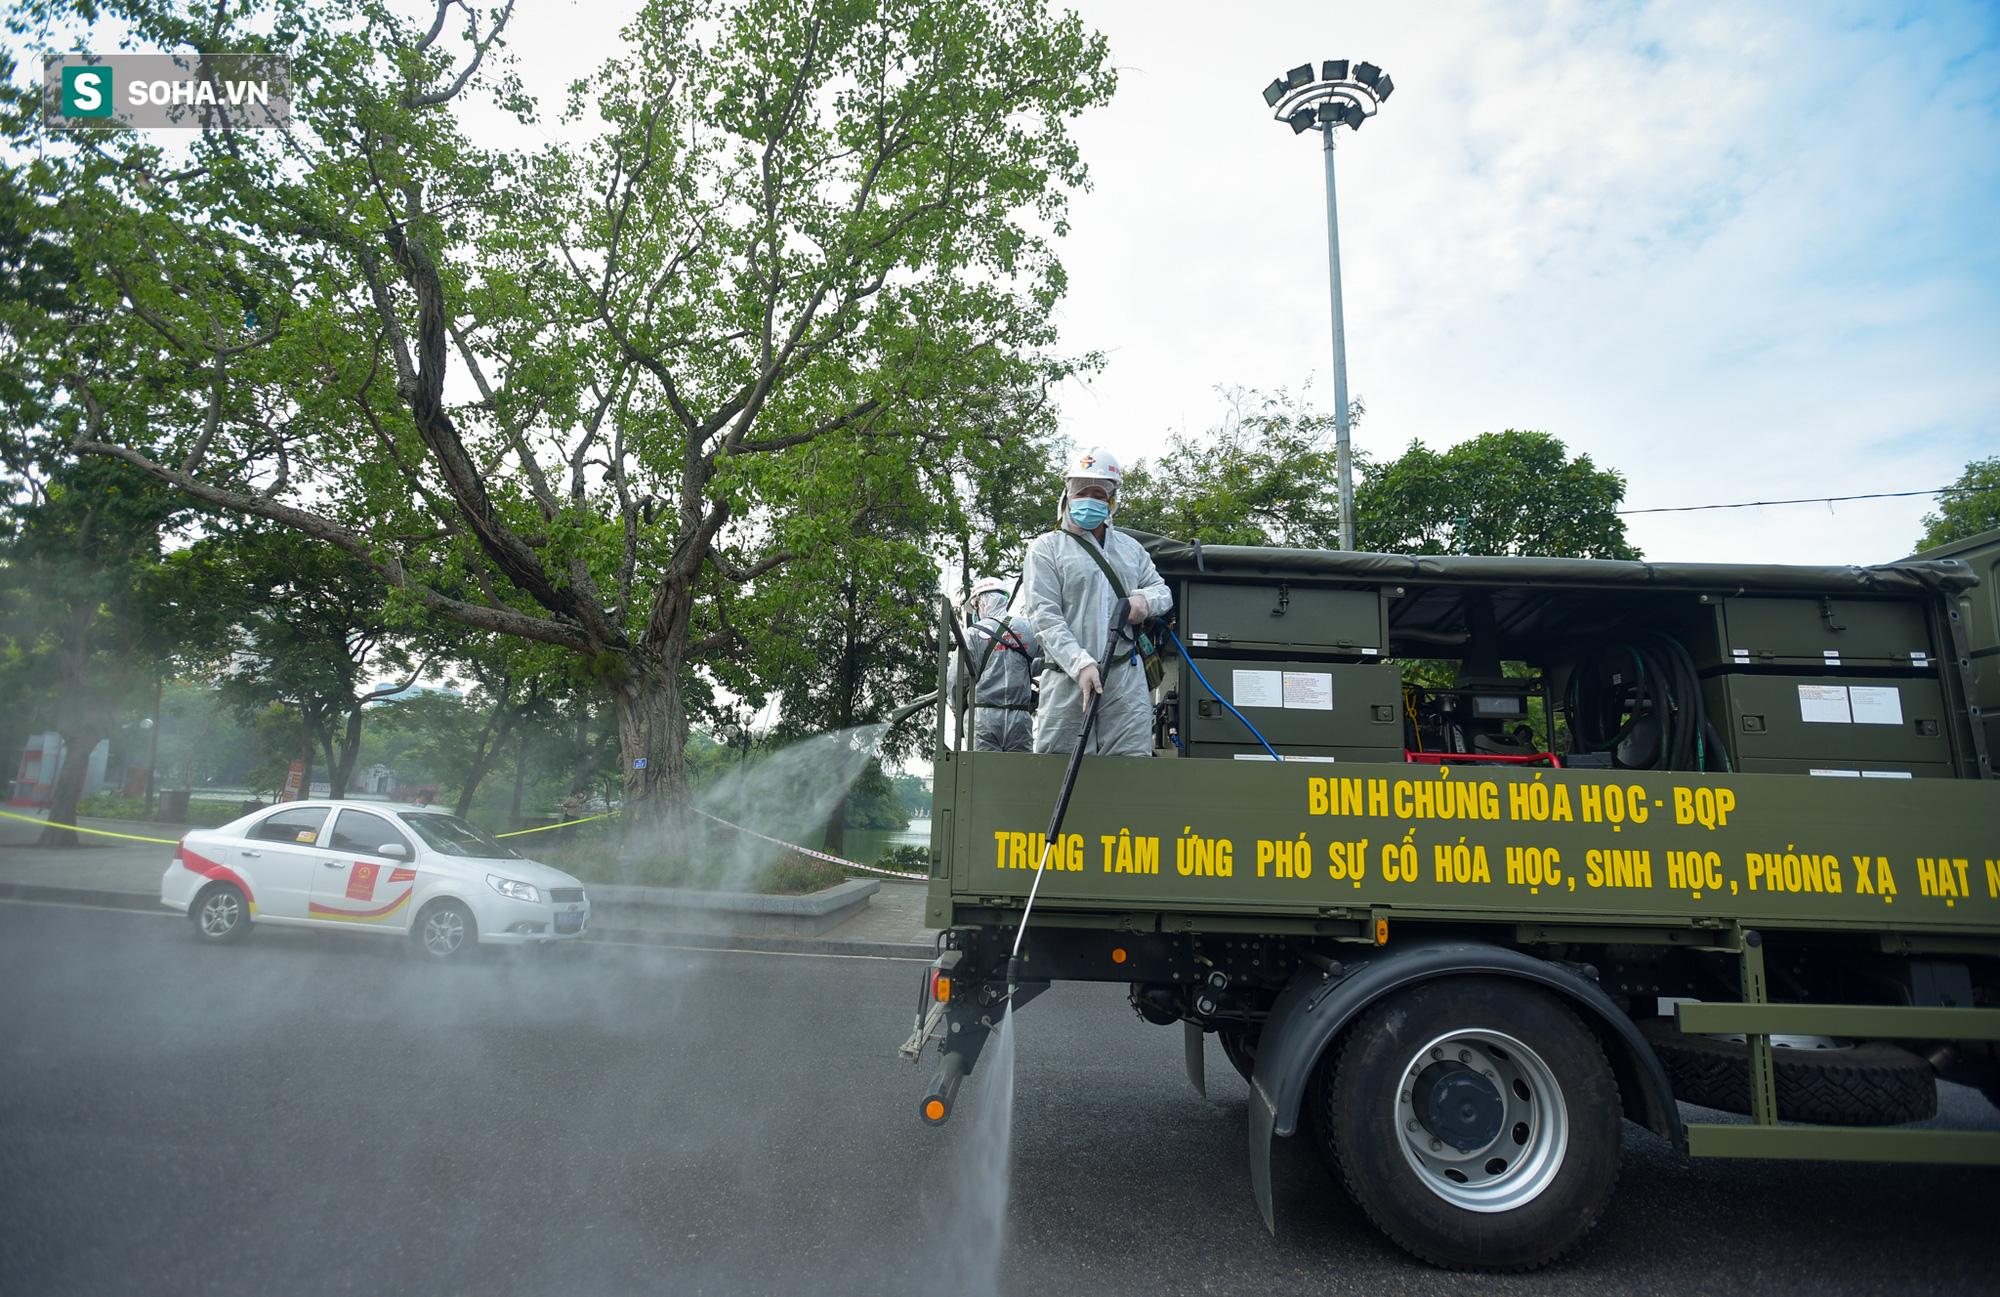 Cận cảnh 15 xe đặc chủng cùng 180 chiến sĩ phun khử khuẩn toàn bộ quận Hoàn Kiếm - Ảnh 9.